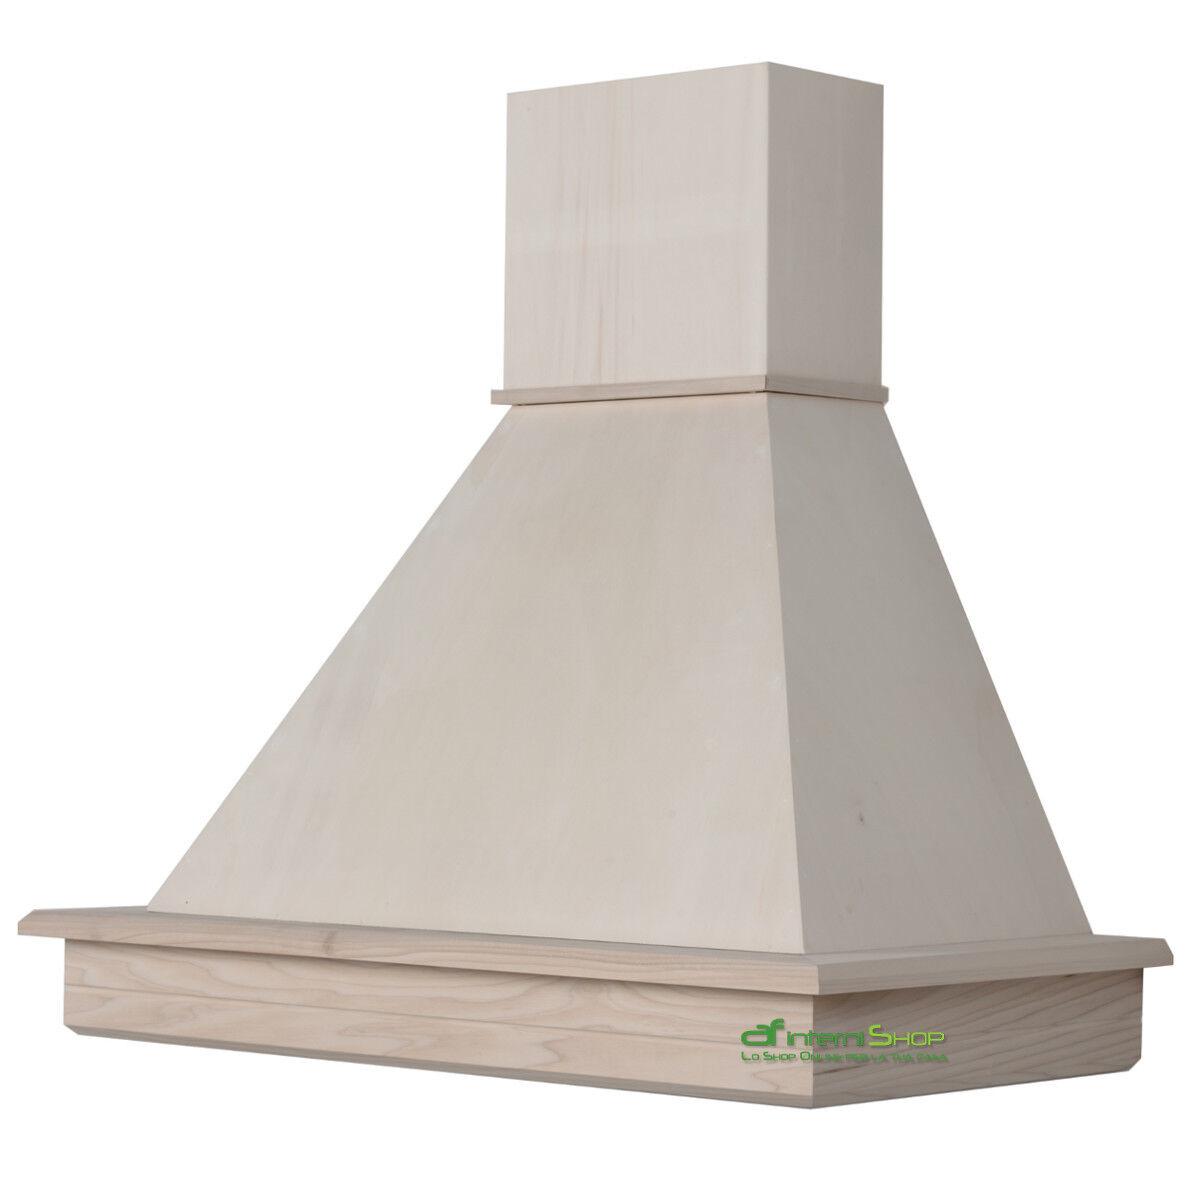 Cl90 ttg cappa cucina parete 90 legno classica rustica da - Scarico fumi cappa cucina a parete ...